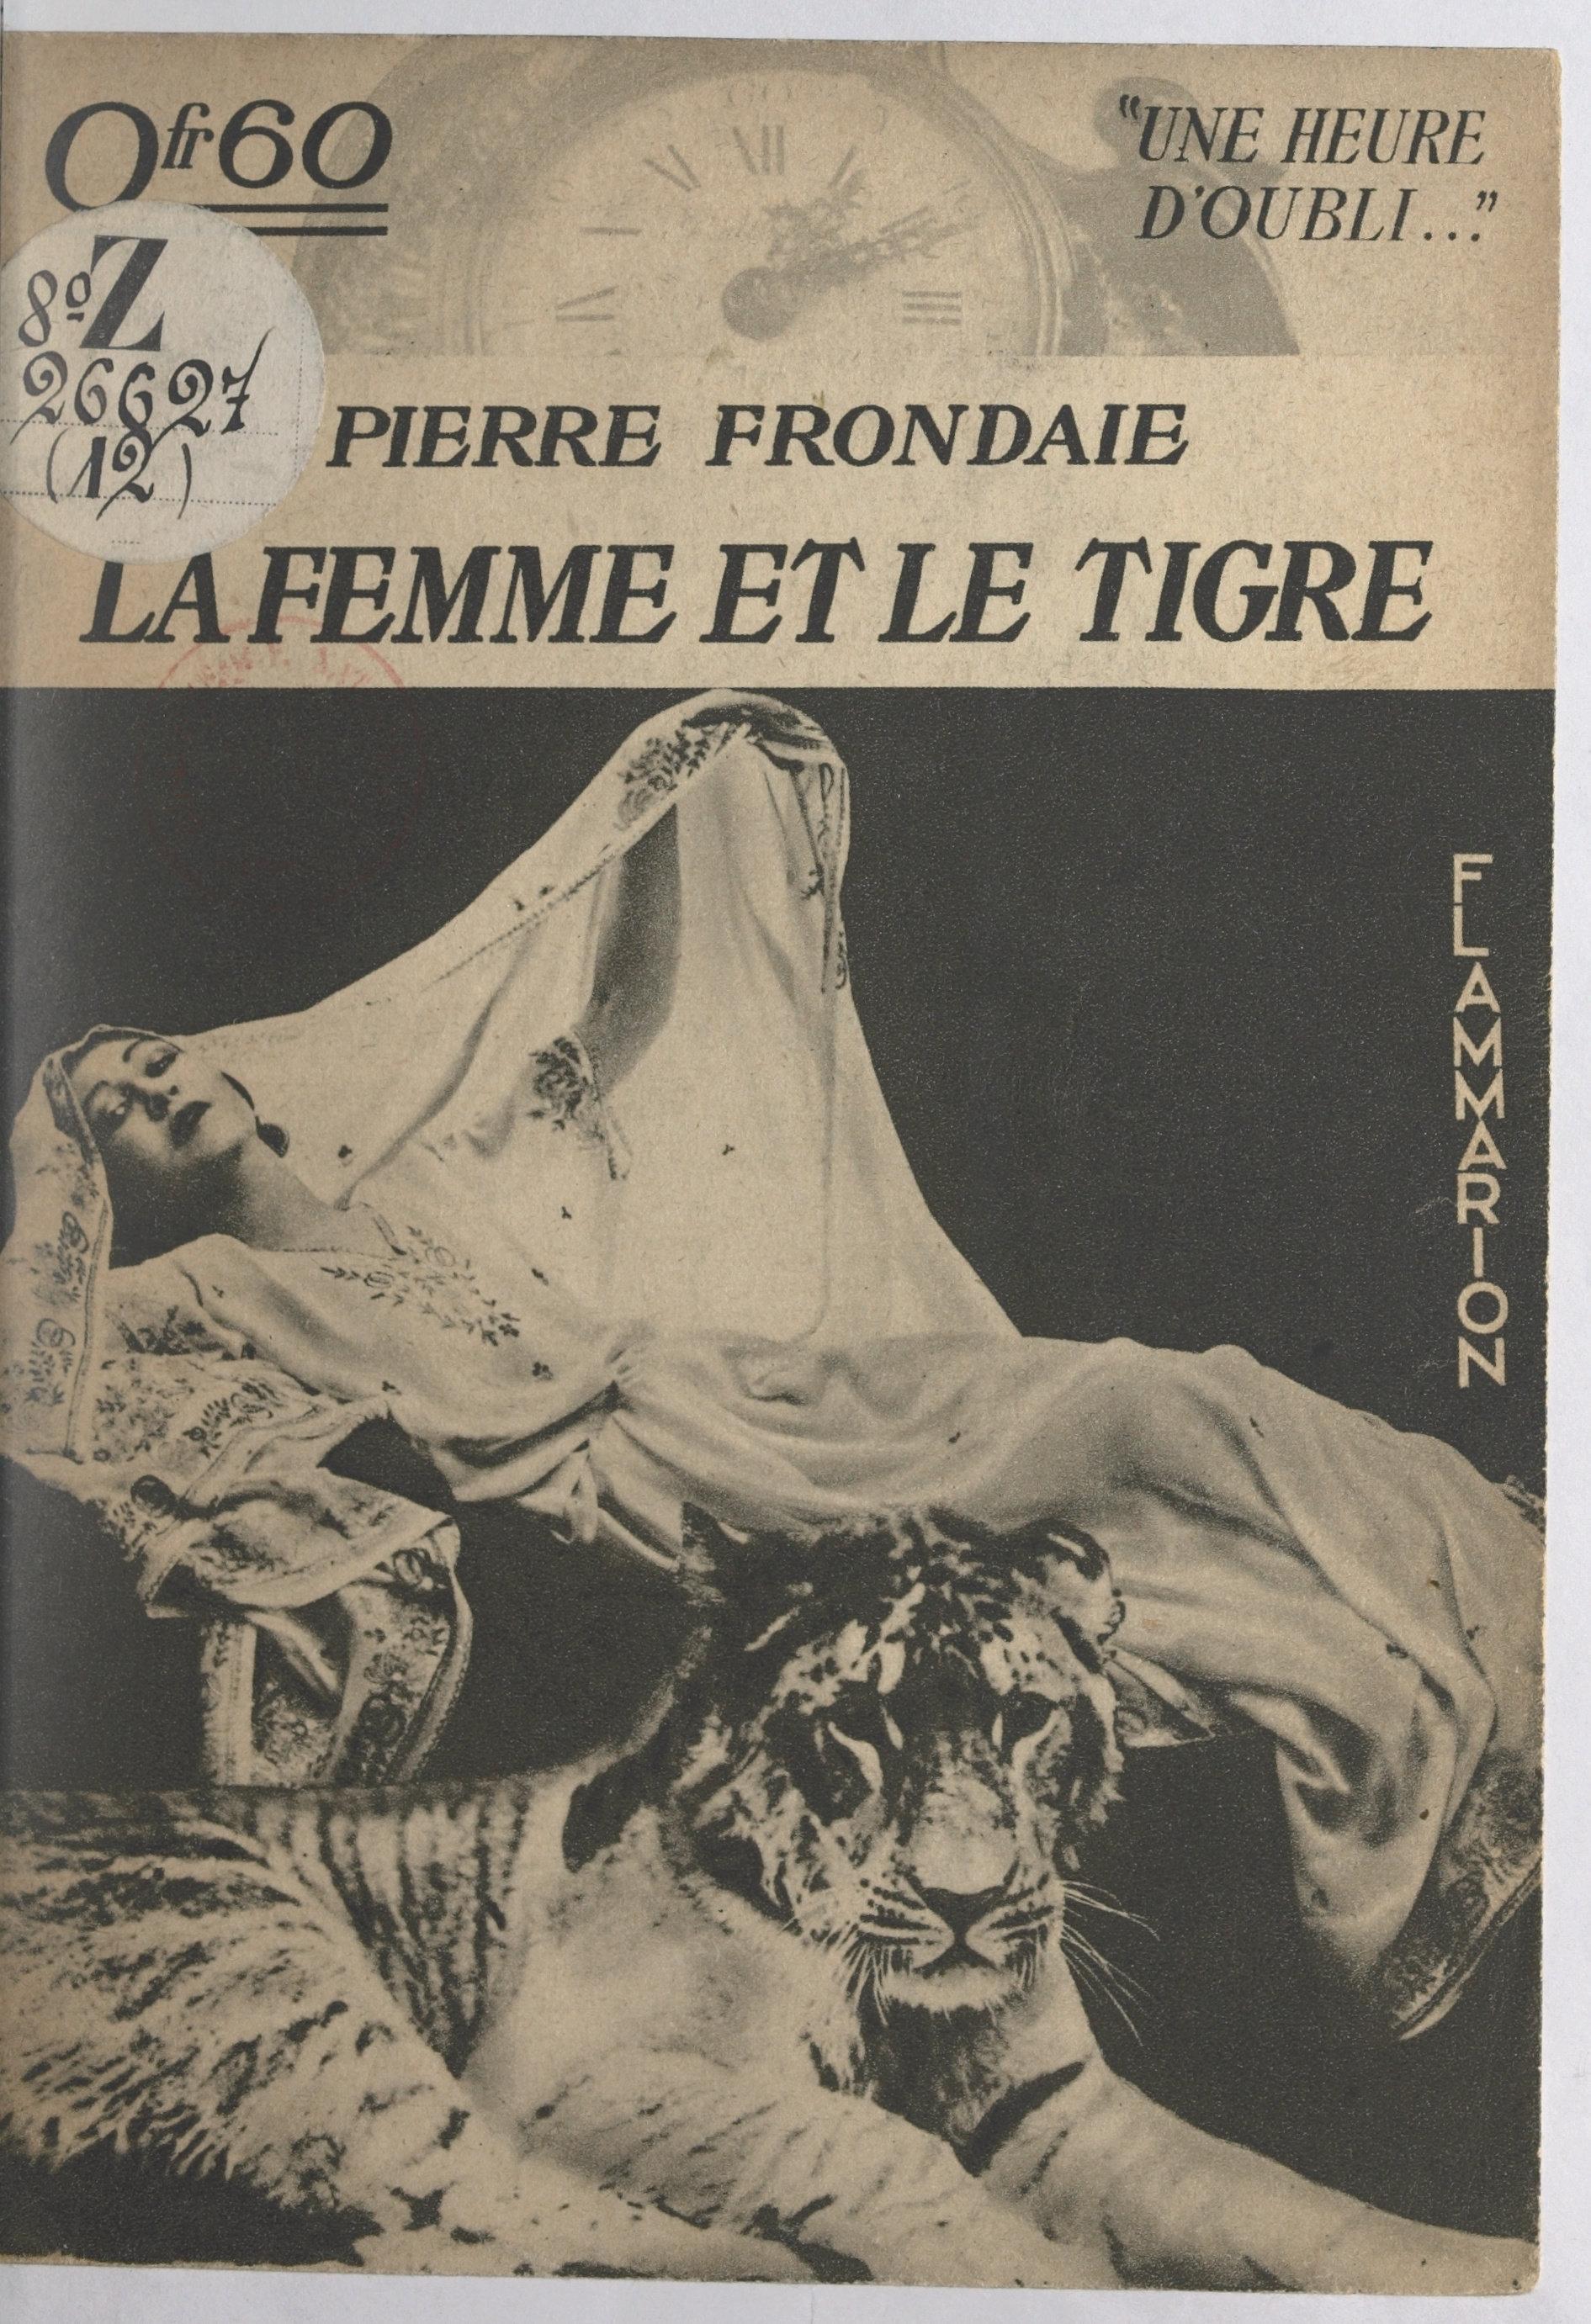 La femme et le tigre